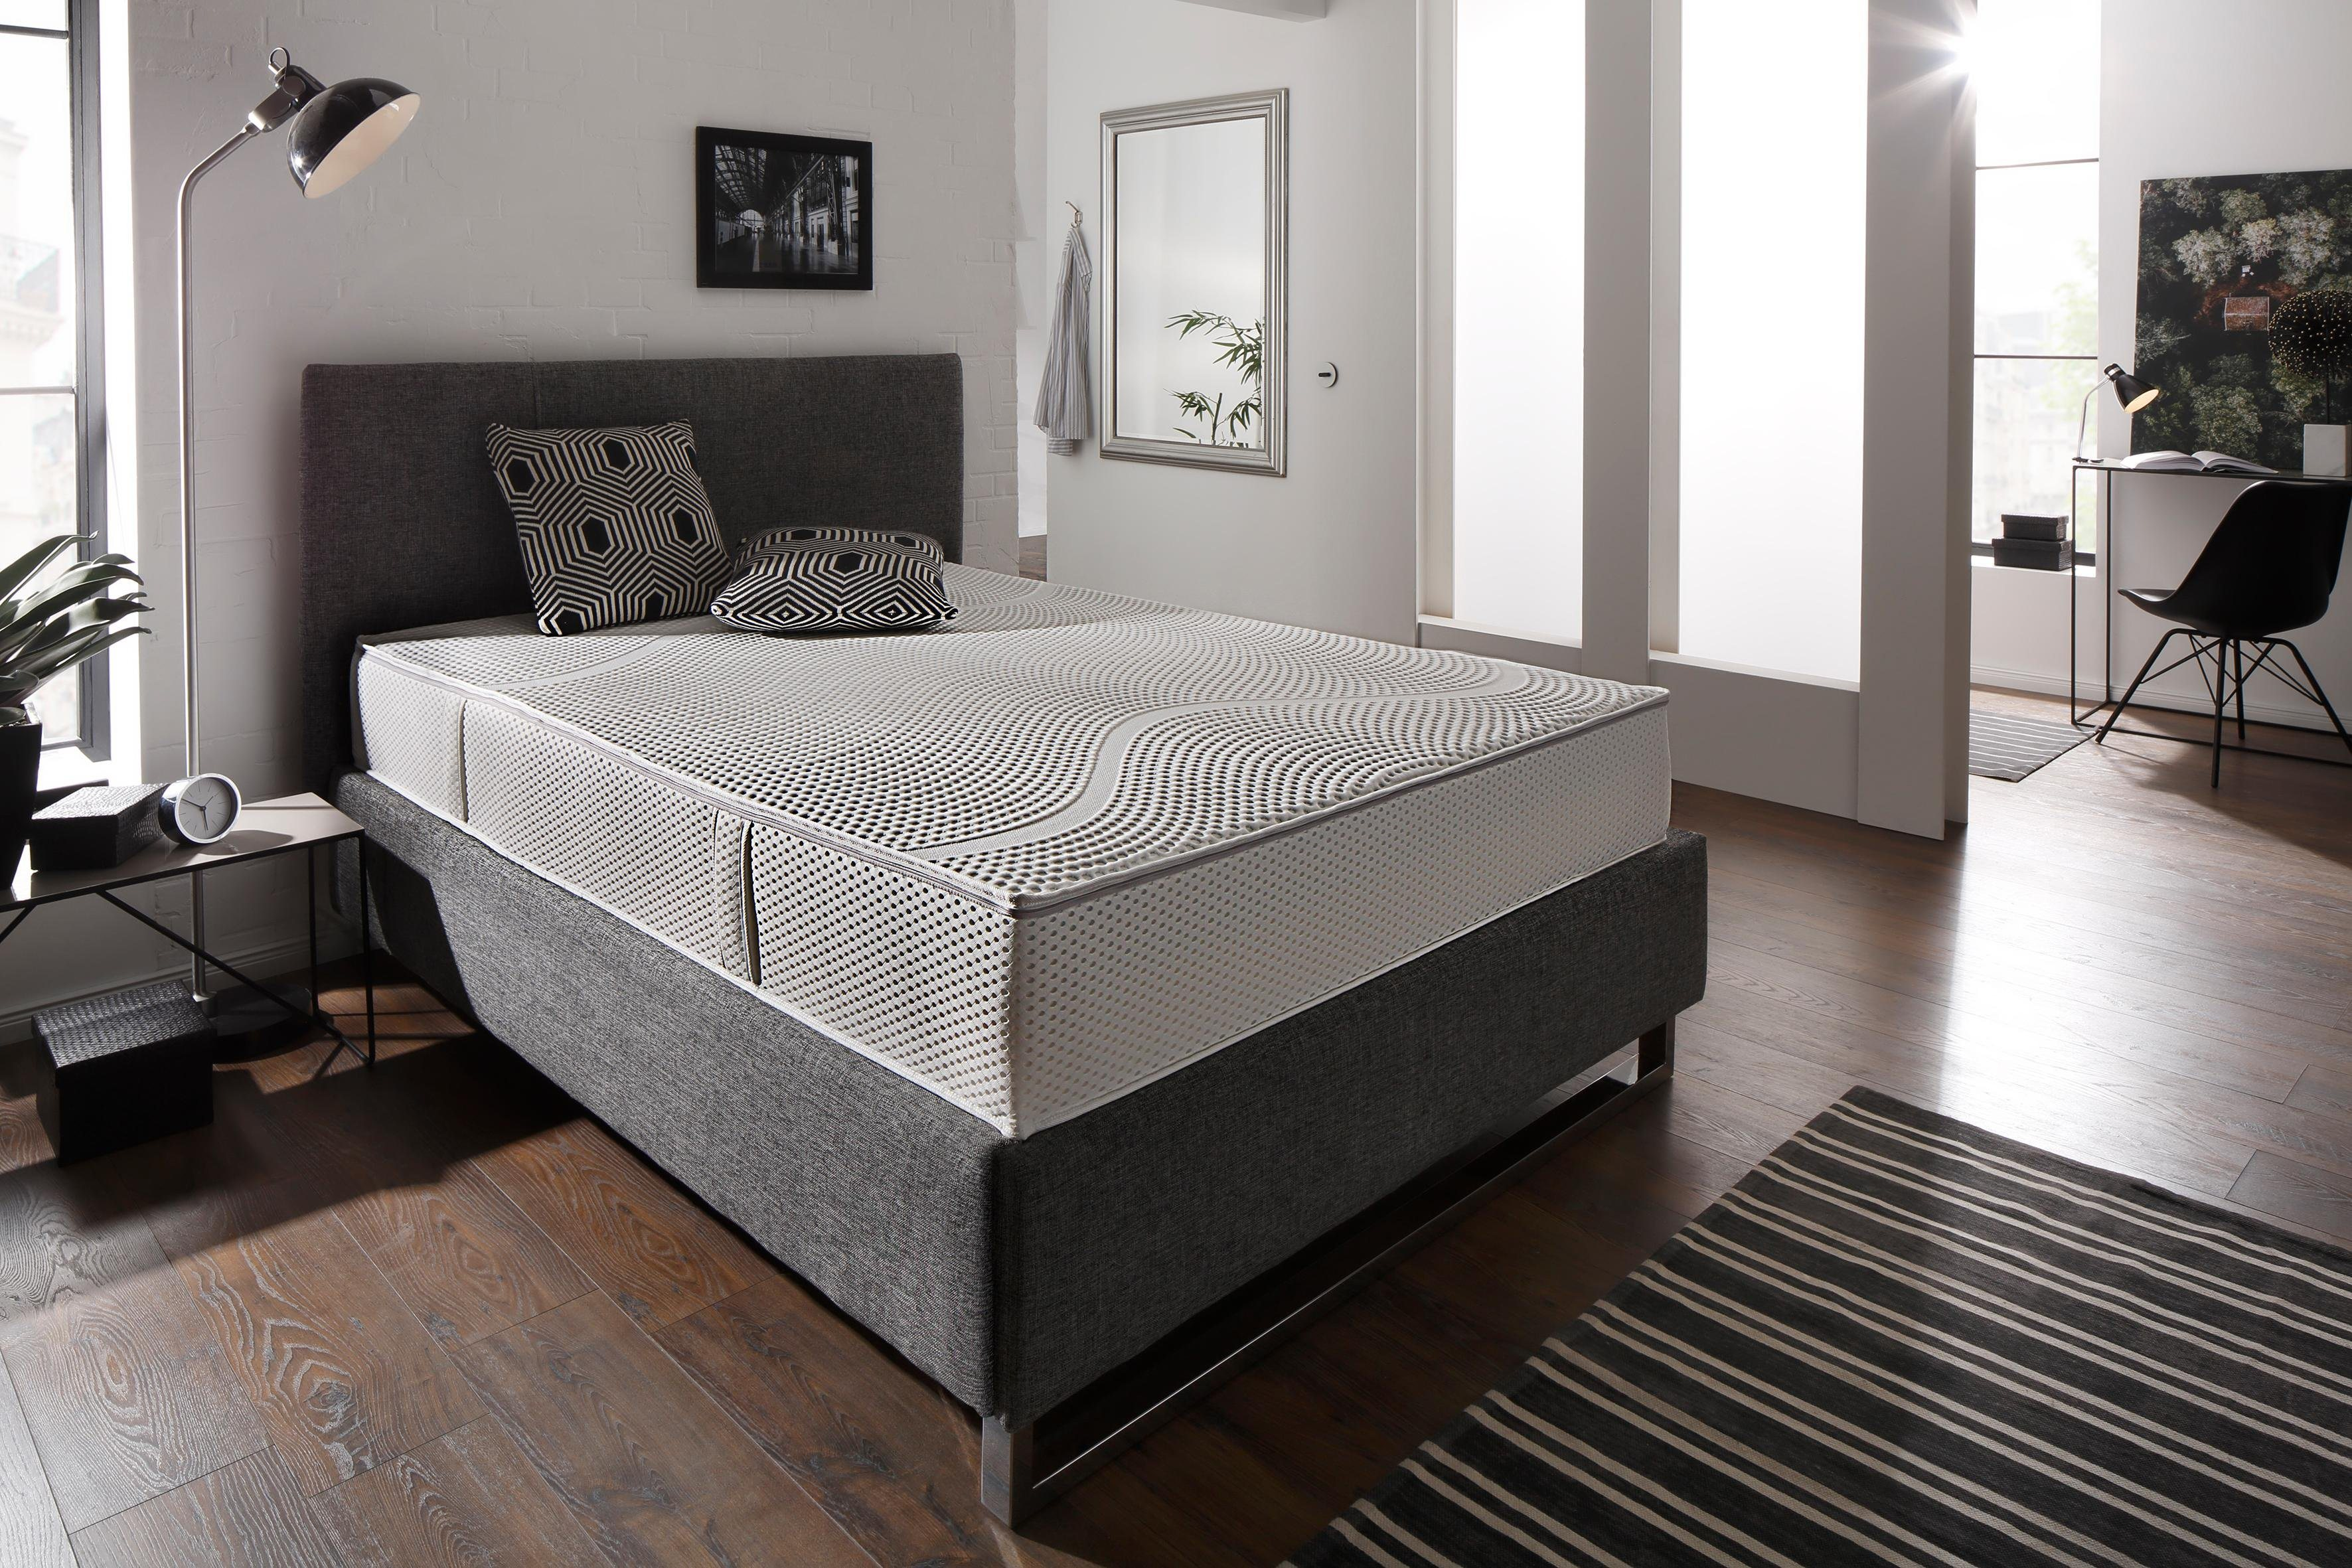 bett 120x200 preisvergleich die besten angebote online kaufen. Black Bedroom Furniture Sets. Home Design Ideas